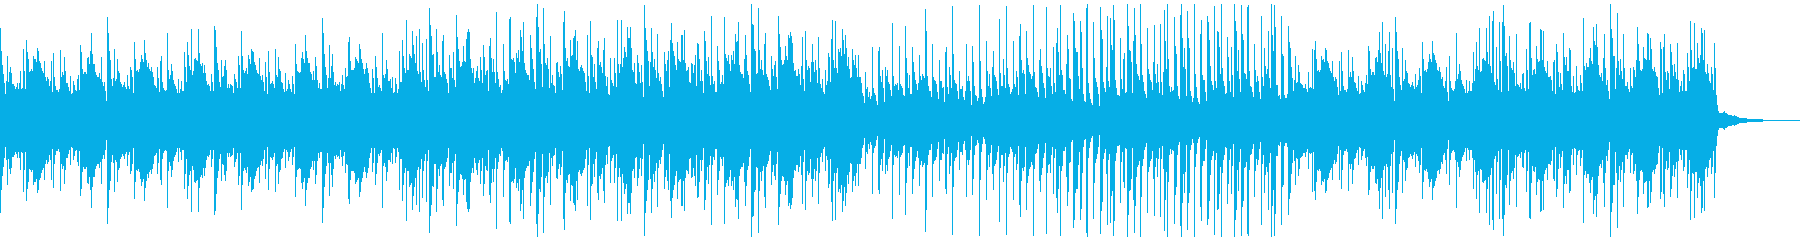 アコギが映える和やかな日常BGMの再生済みの波形